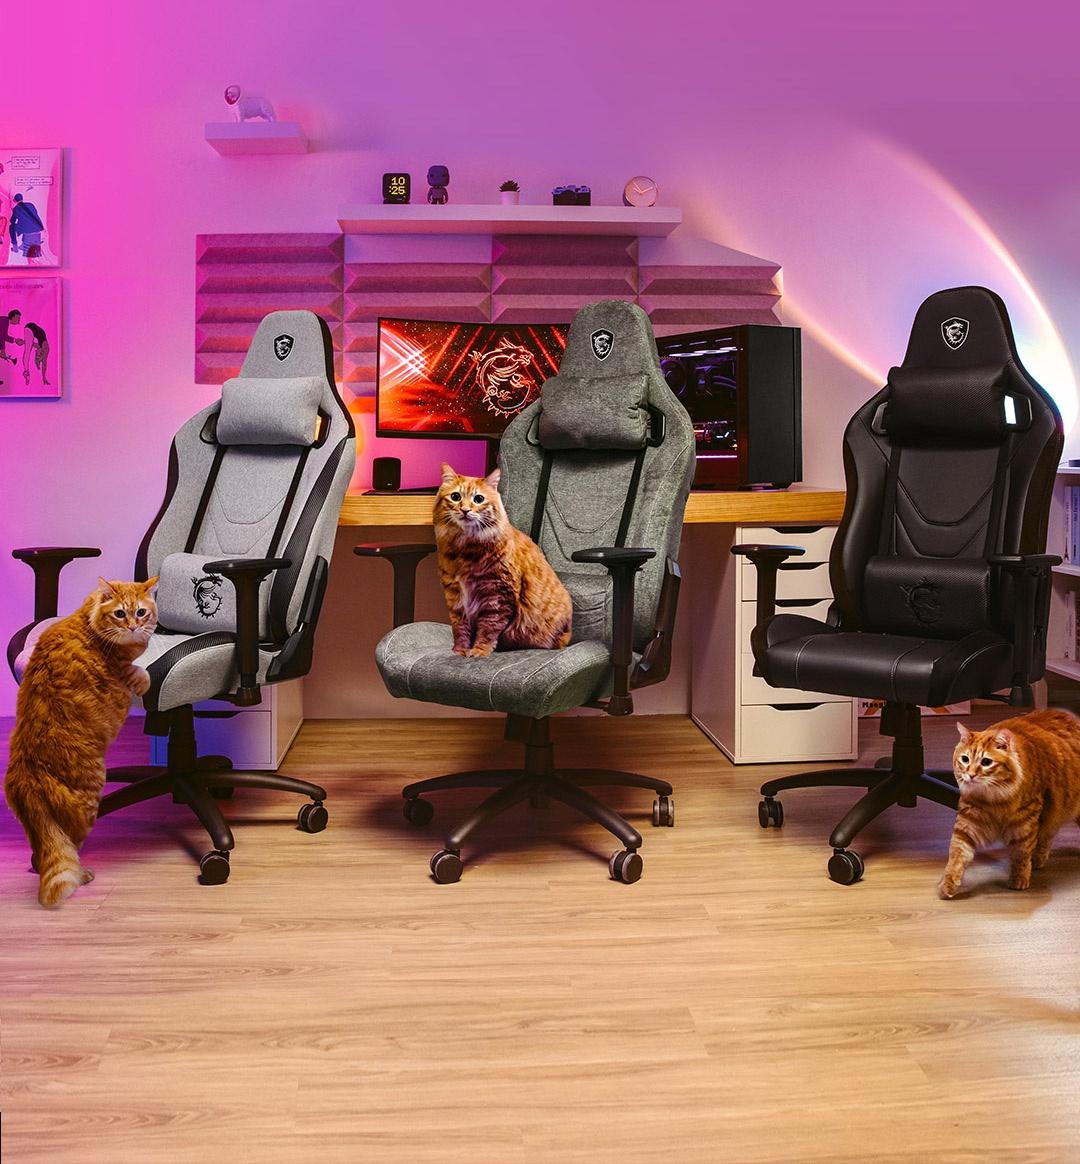 MSI ra mắt ghế game với sợi vải chống nước và trầy - ảnh 1